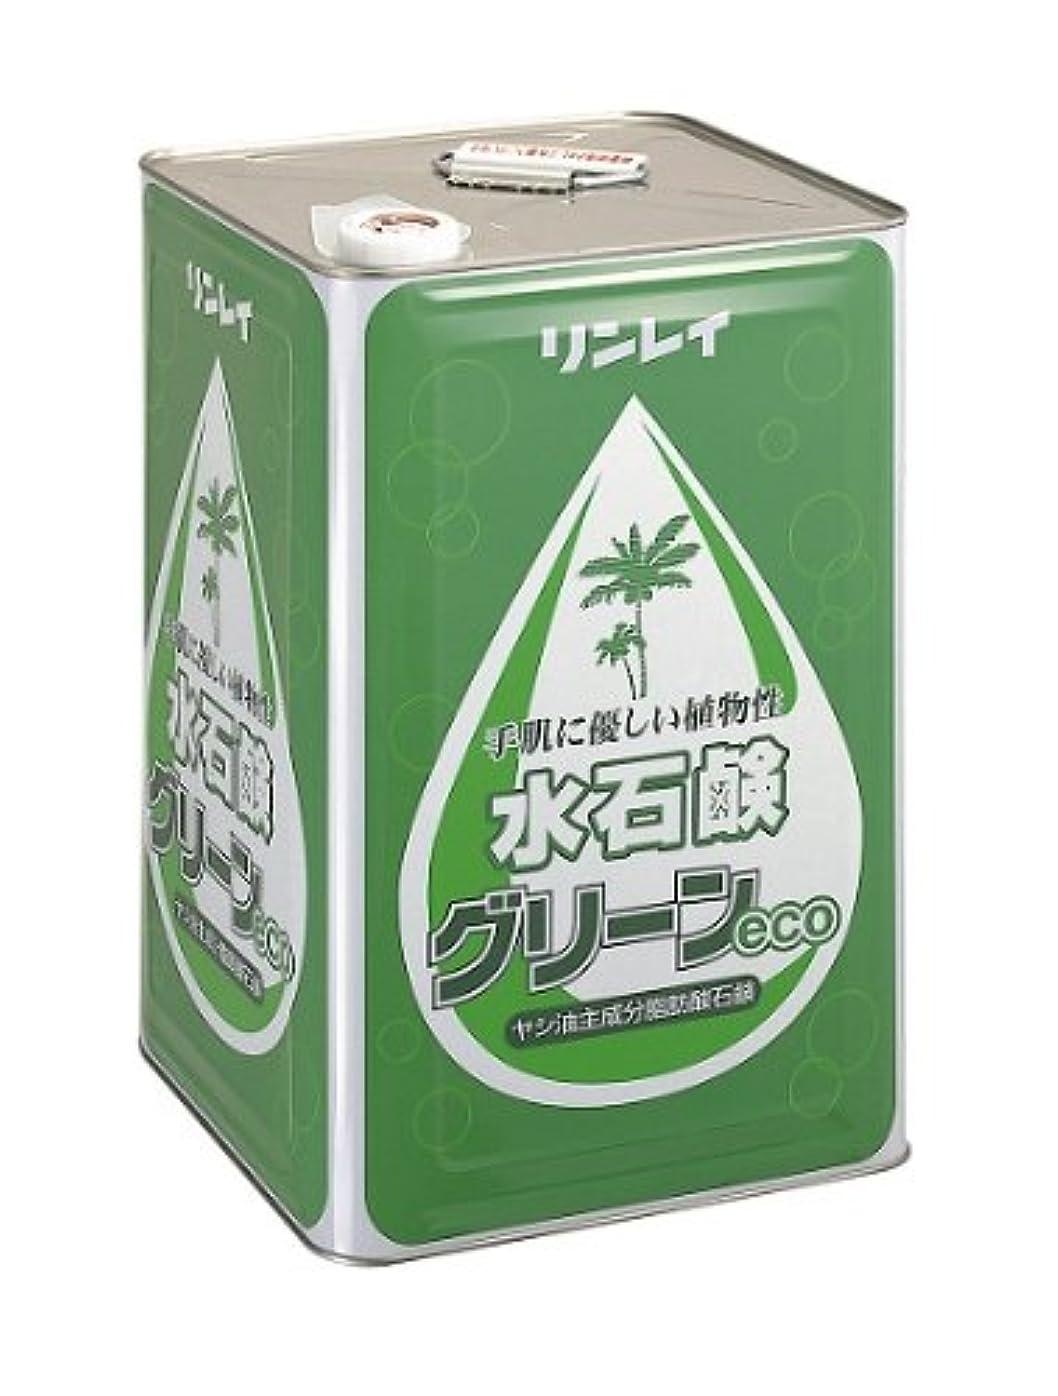 摂氏キャスト浮くリンレイ 水石鹸グリーンeco 18L 5缶セット